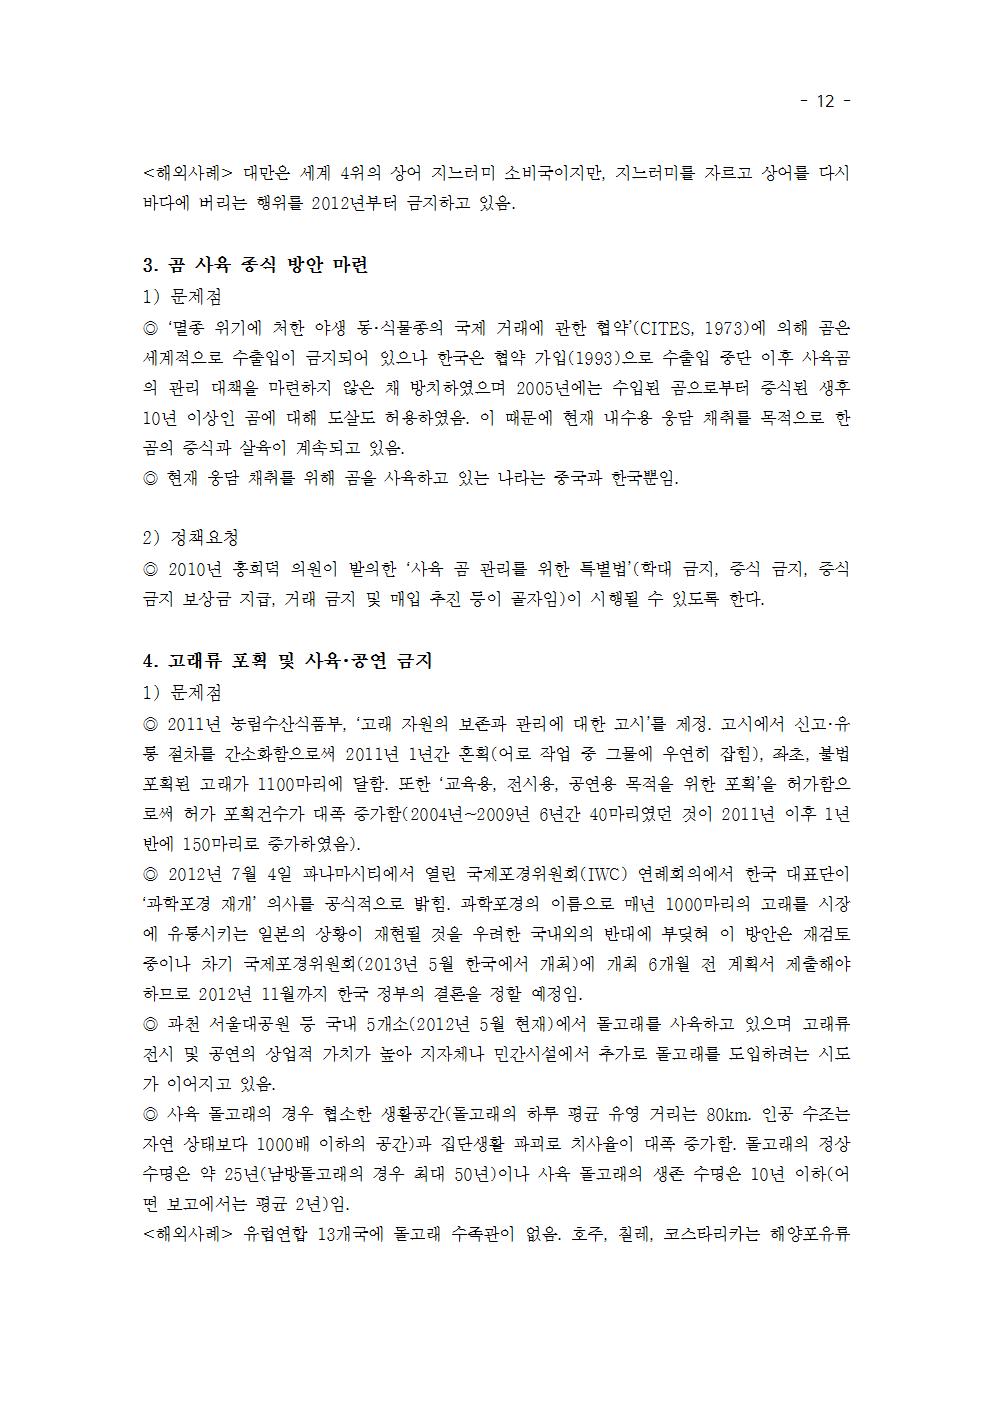 제안서_2012_대선3후보_게시_단축015.png